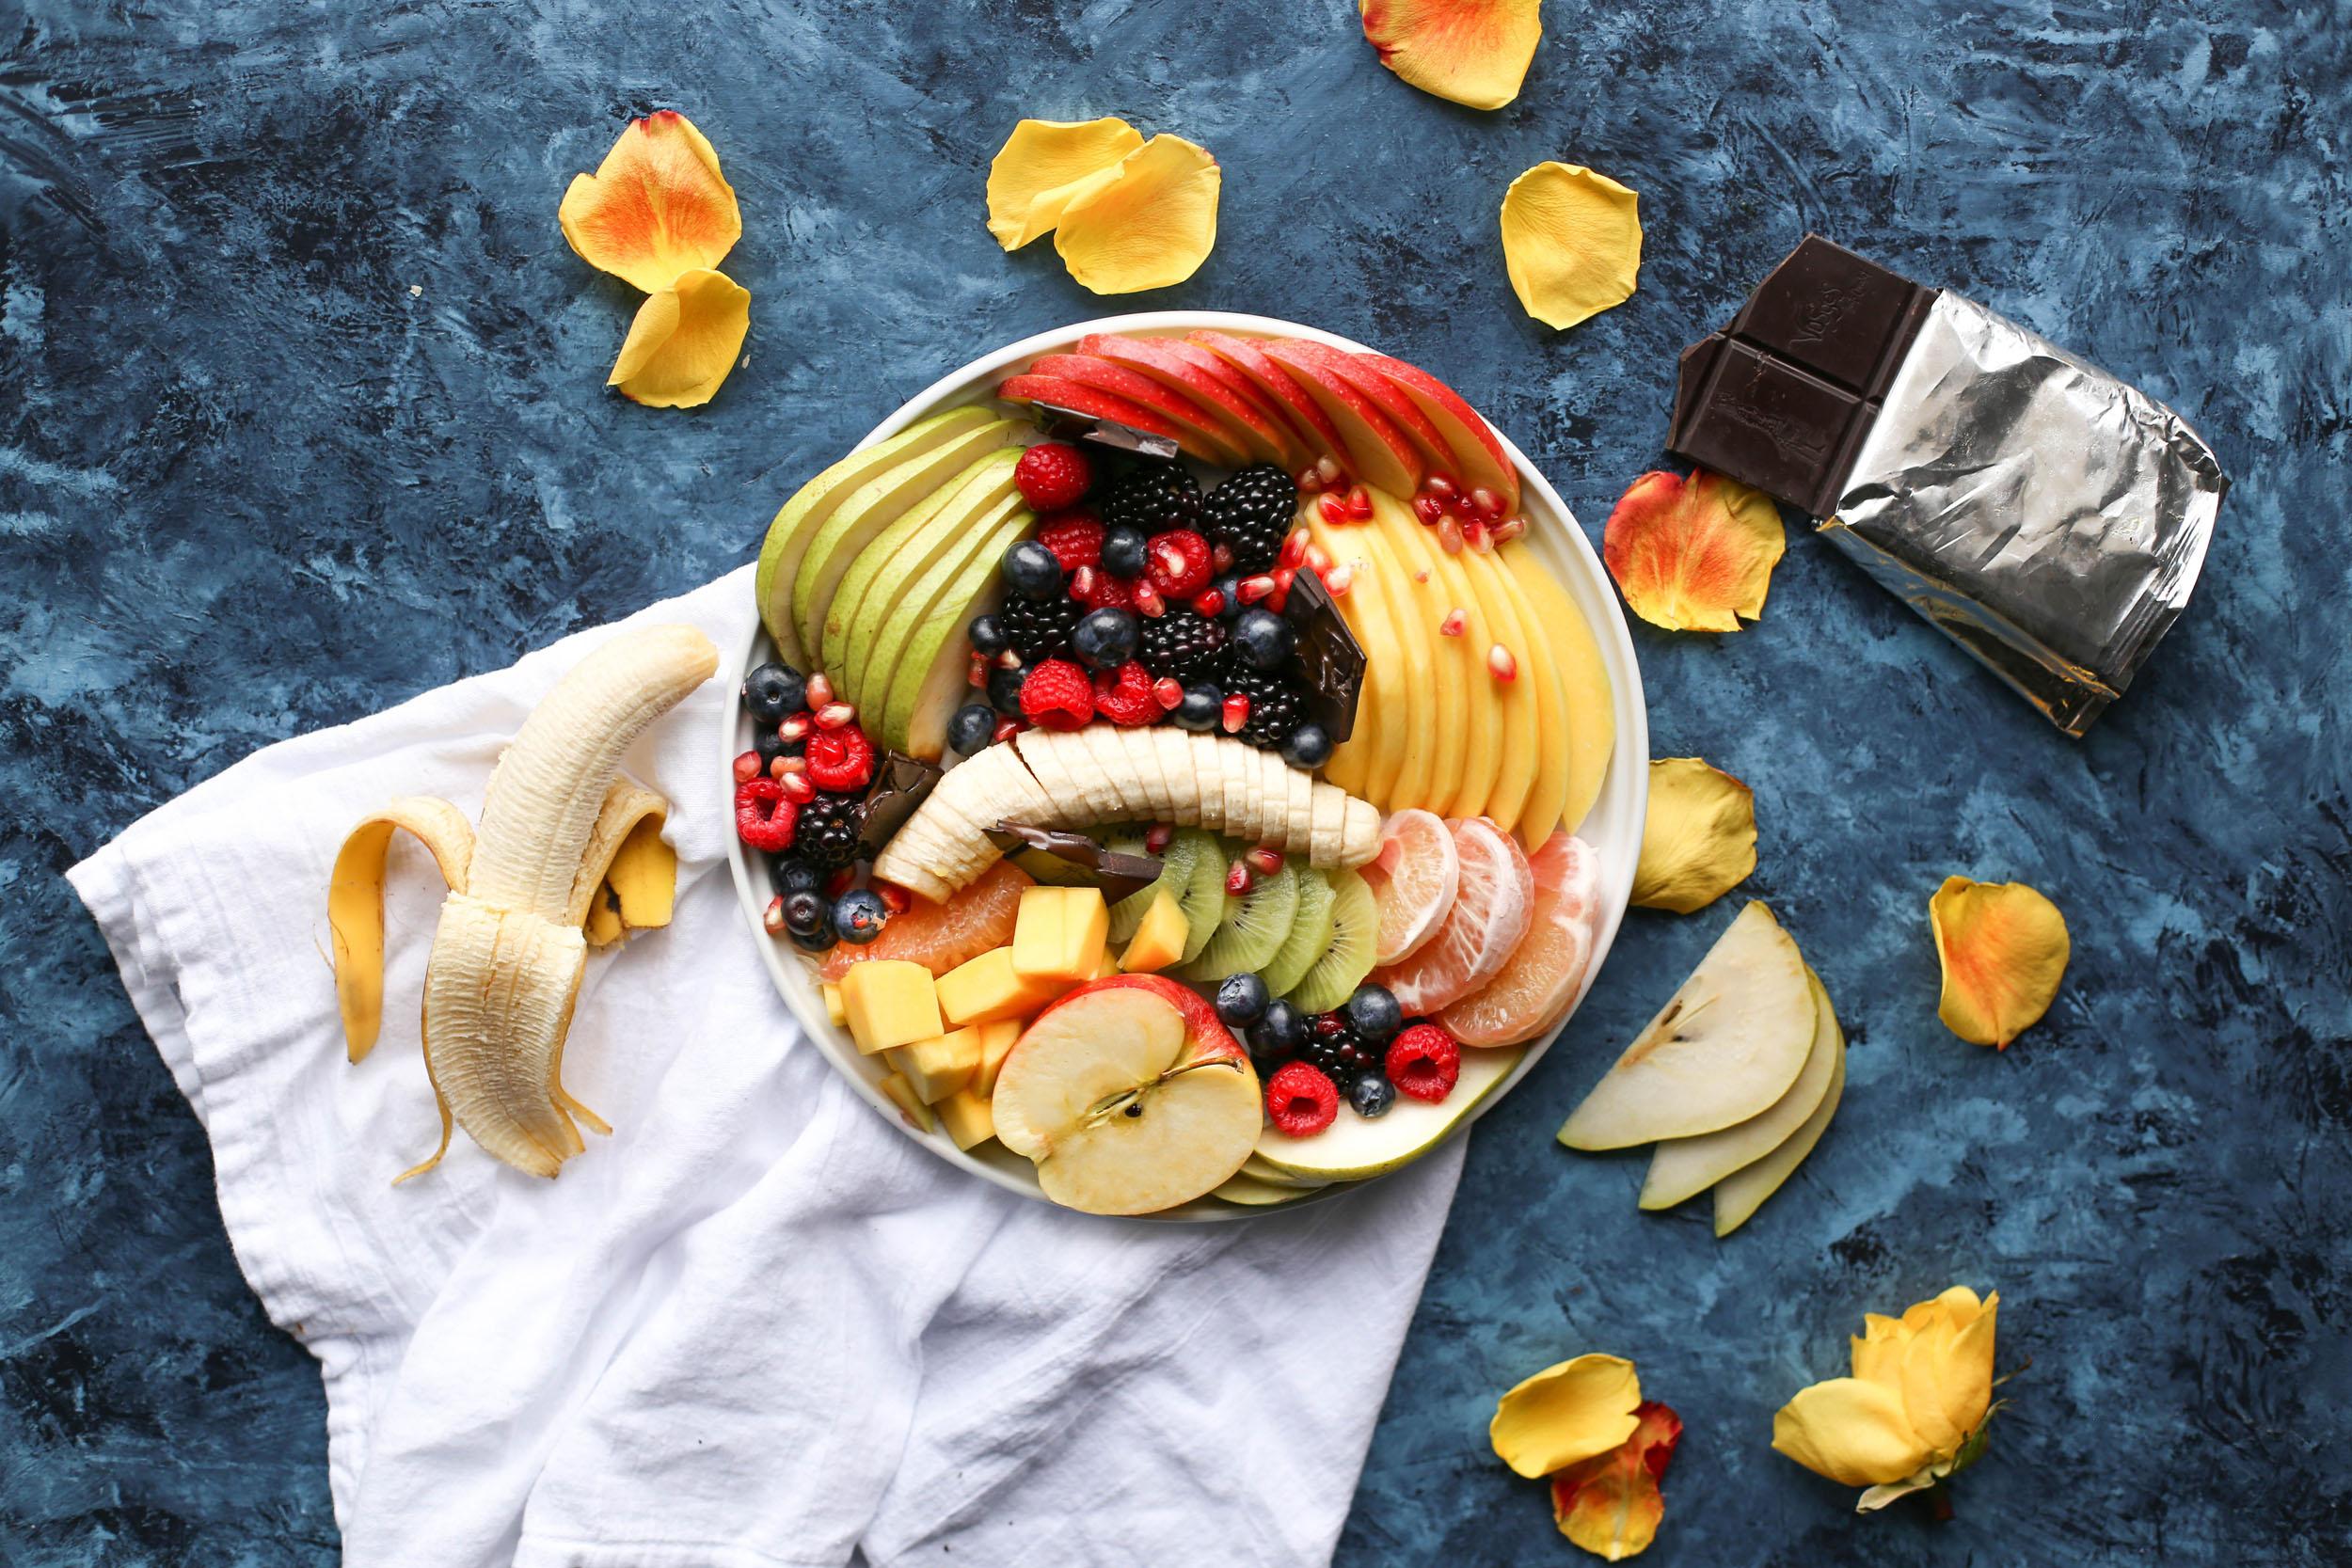 Frutta prima o dopo i pasti? Quando mangiarla